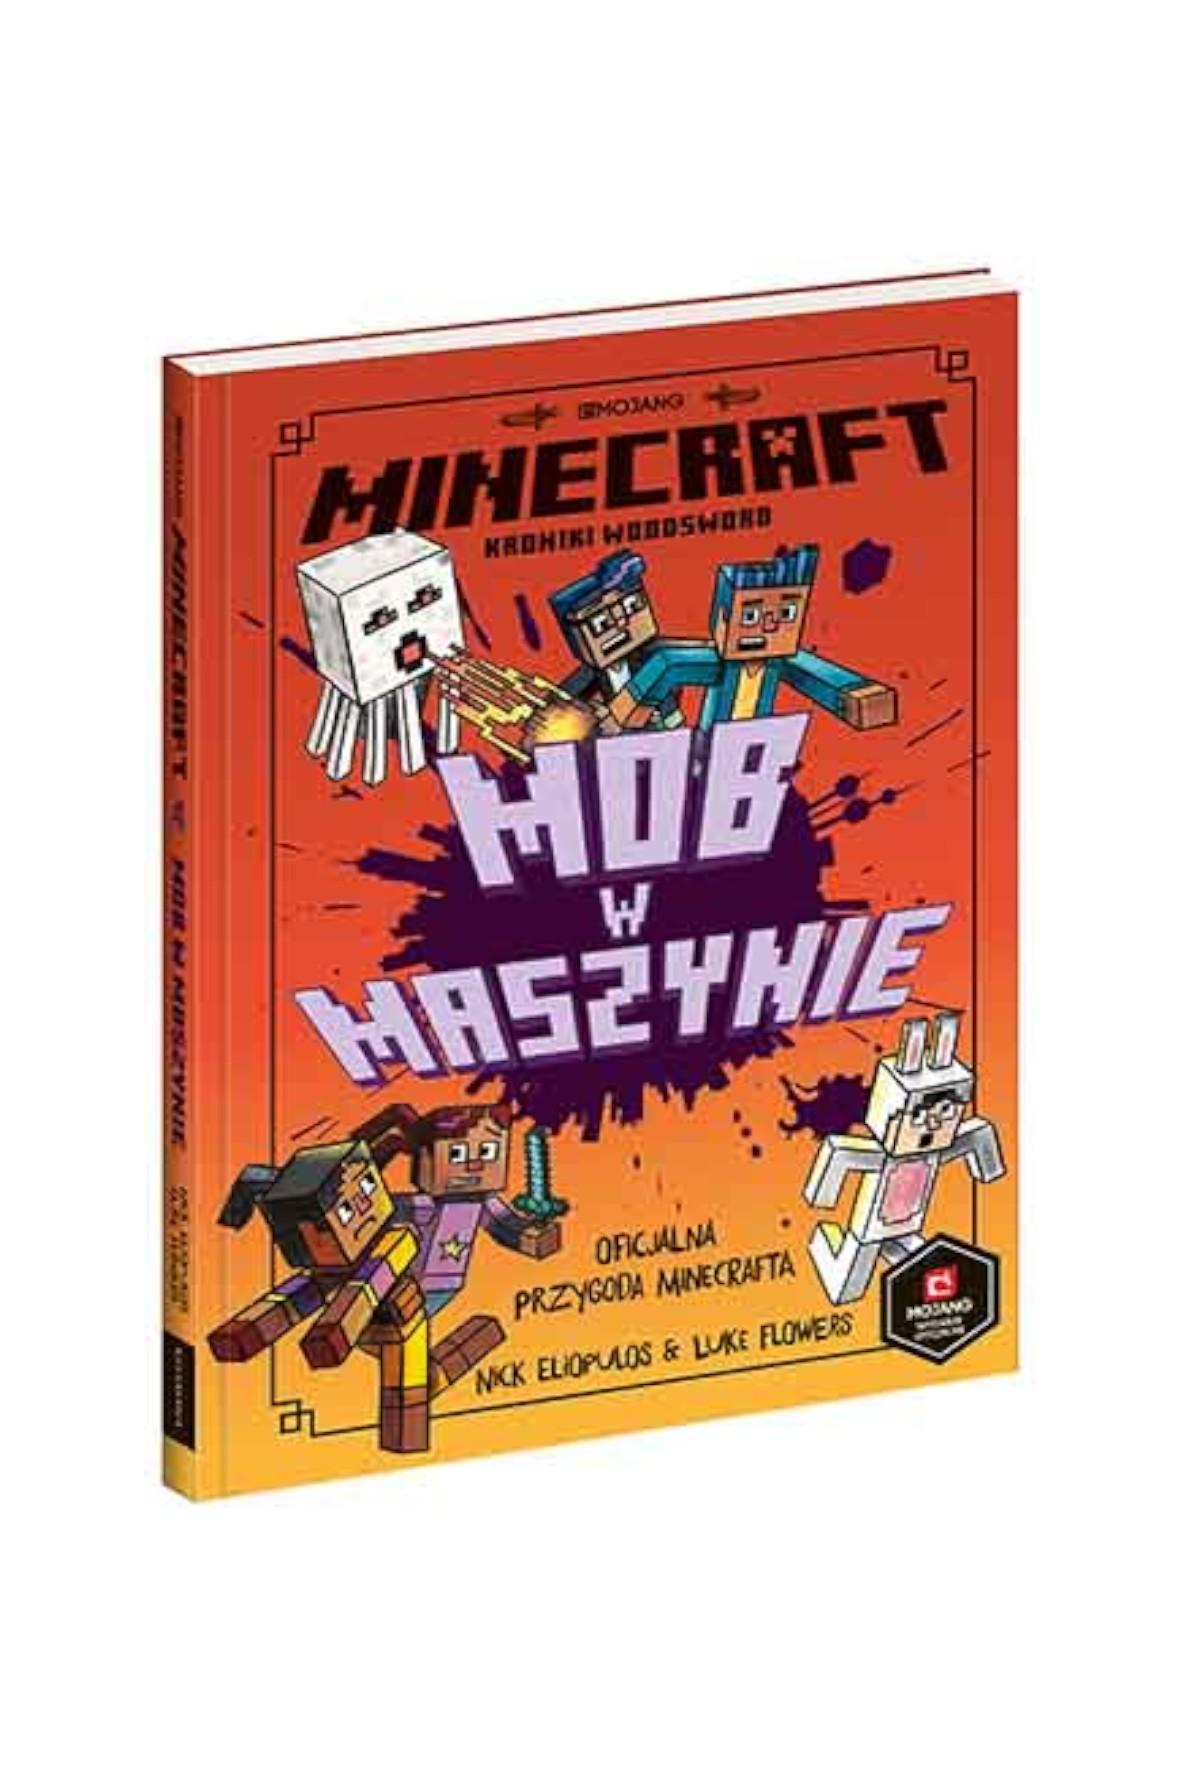 Książka dziecięca - Minecraft. Mob w maszynie Książka dziecięca